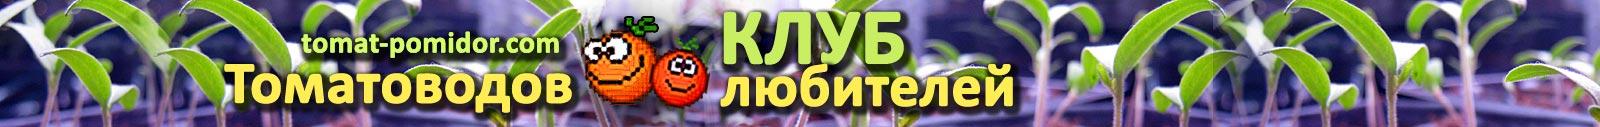 Форум - выращивание томатов, огород, дача